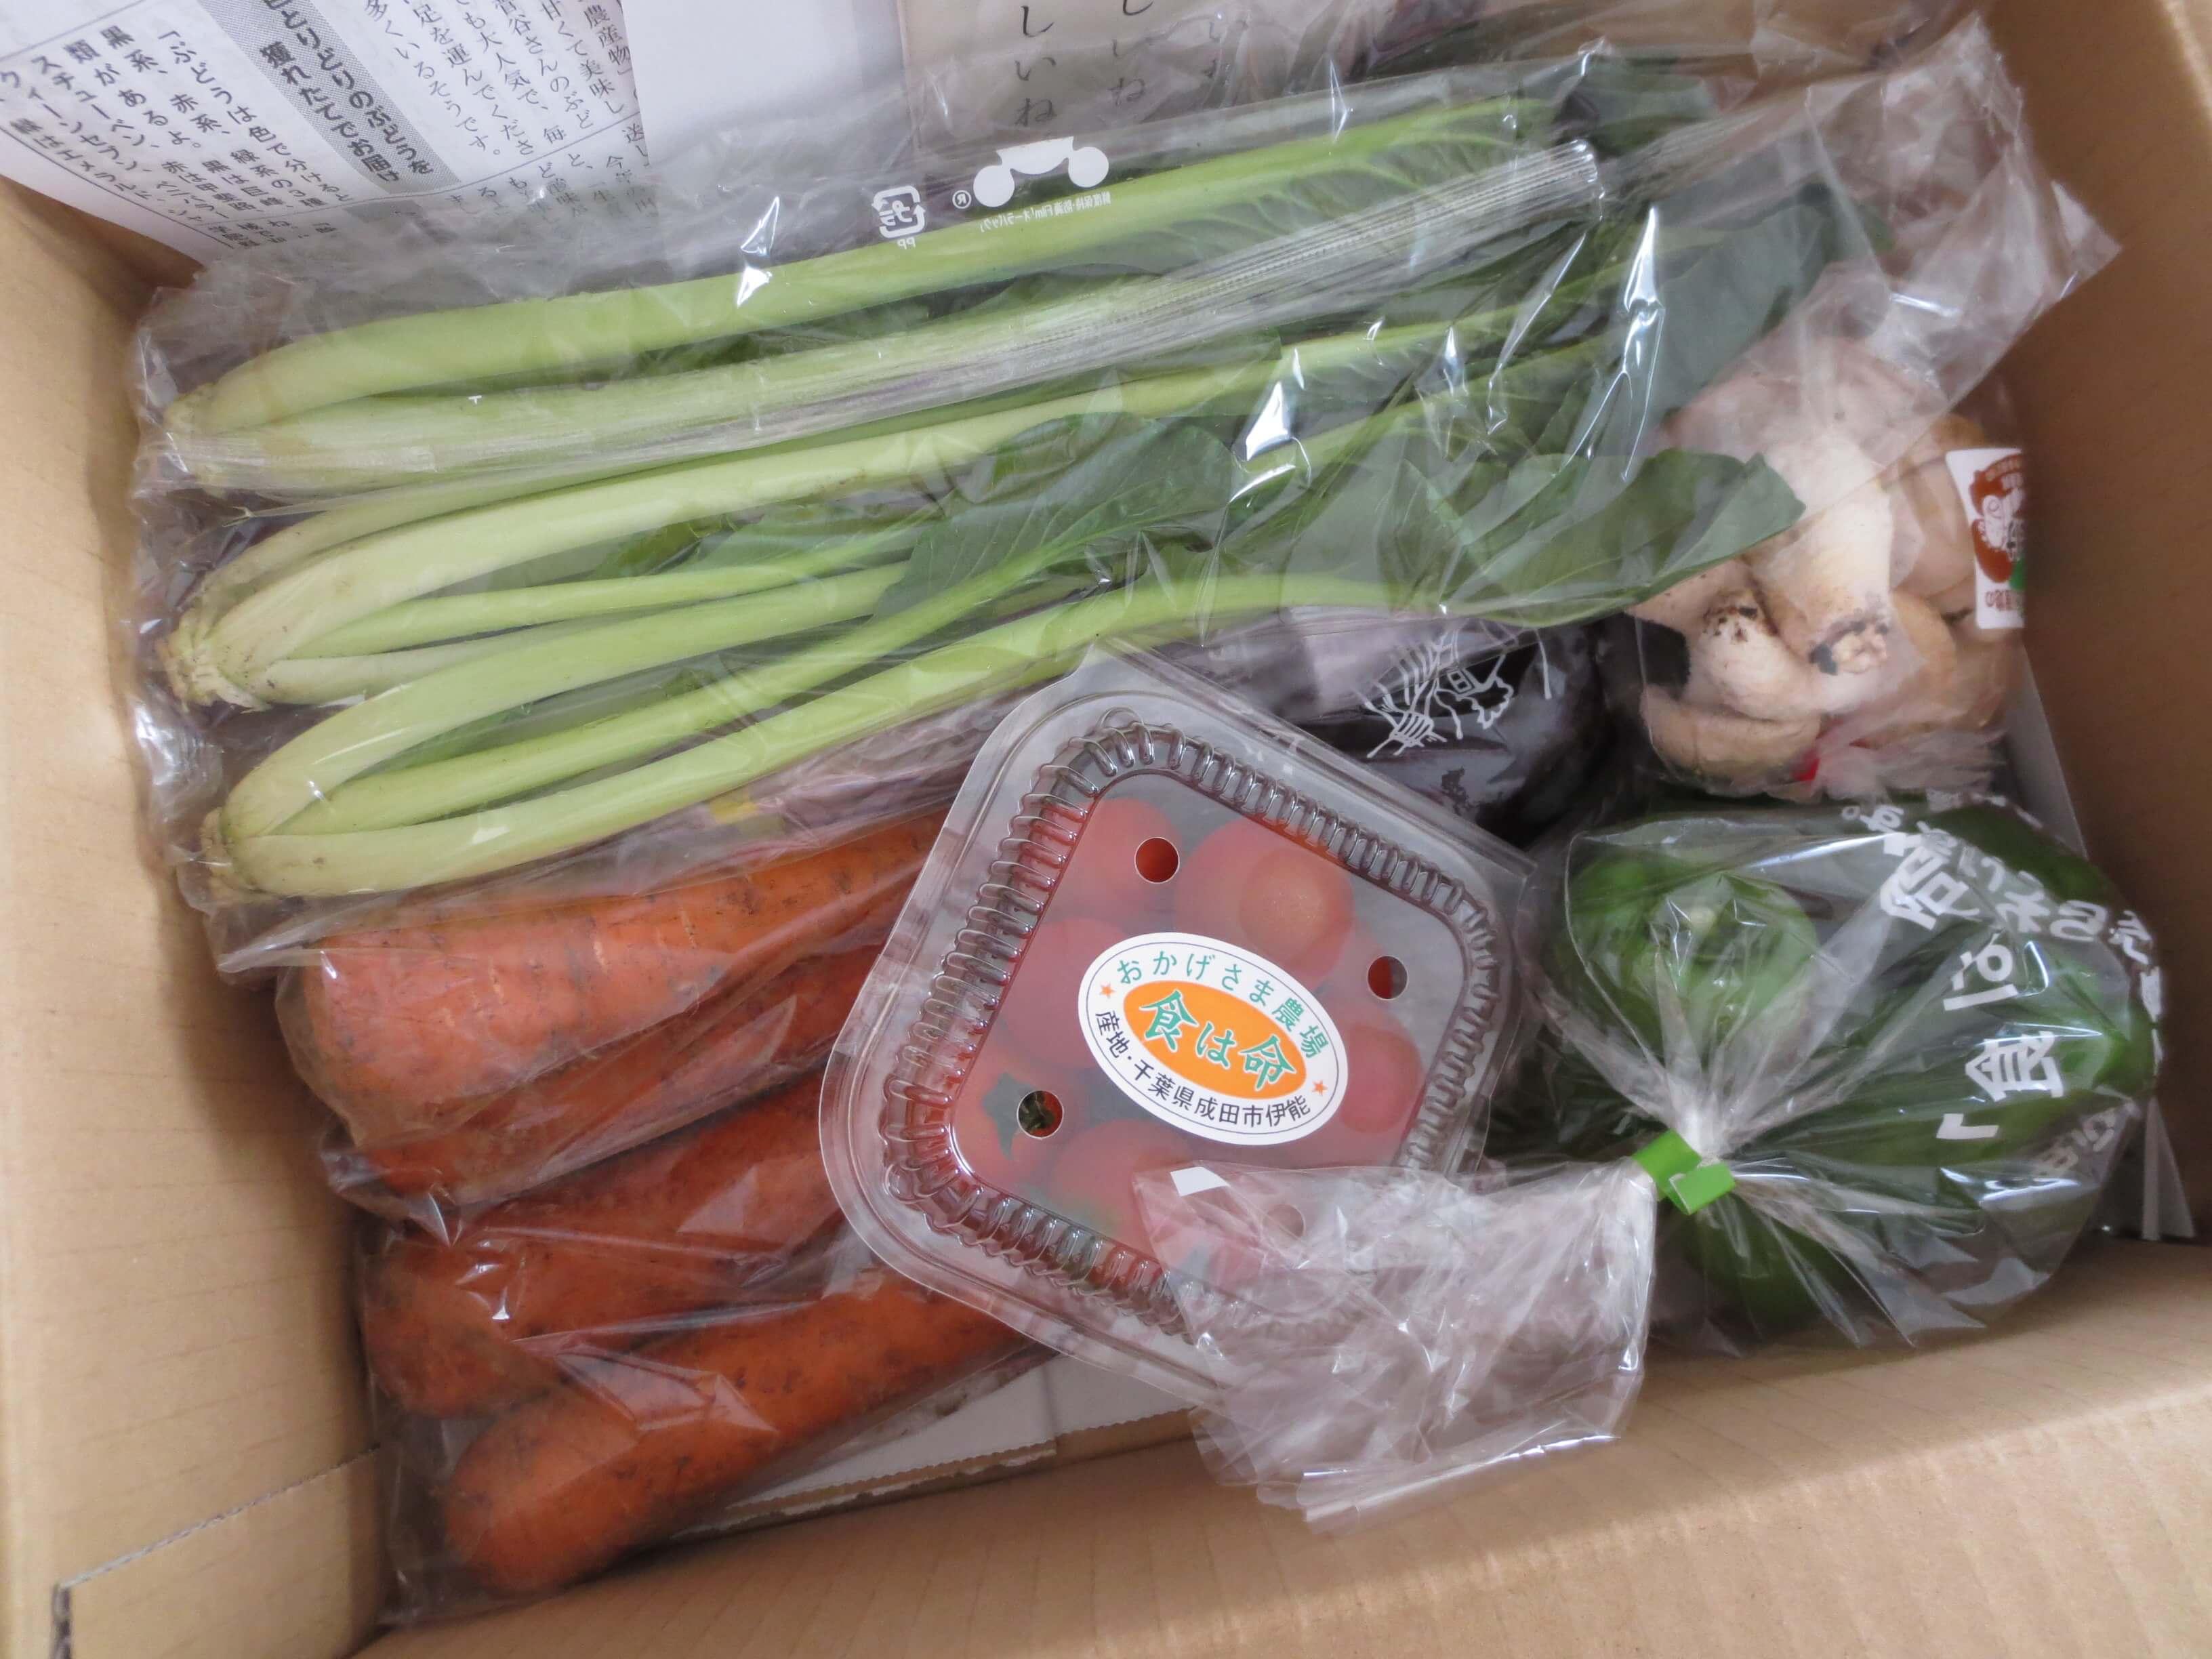 無農薬野菜のミレーお試しセット口コミ3